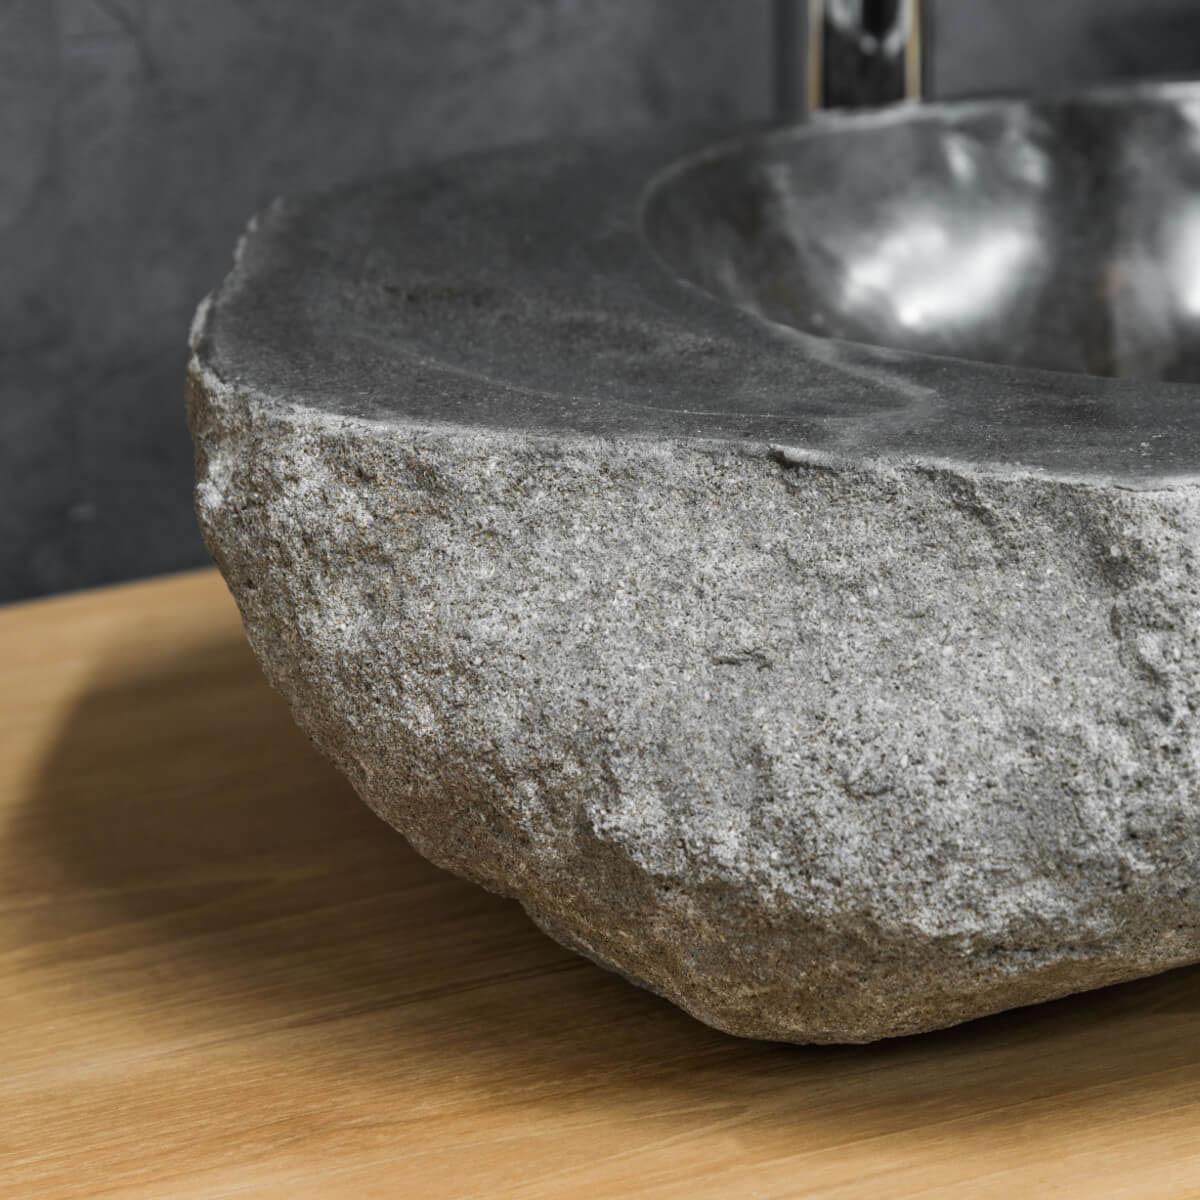 Encimeras de piedra natural awesome moderna cocina con for Encimeras de piedra natural precios